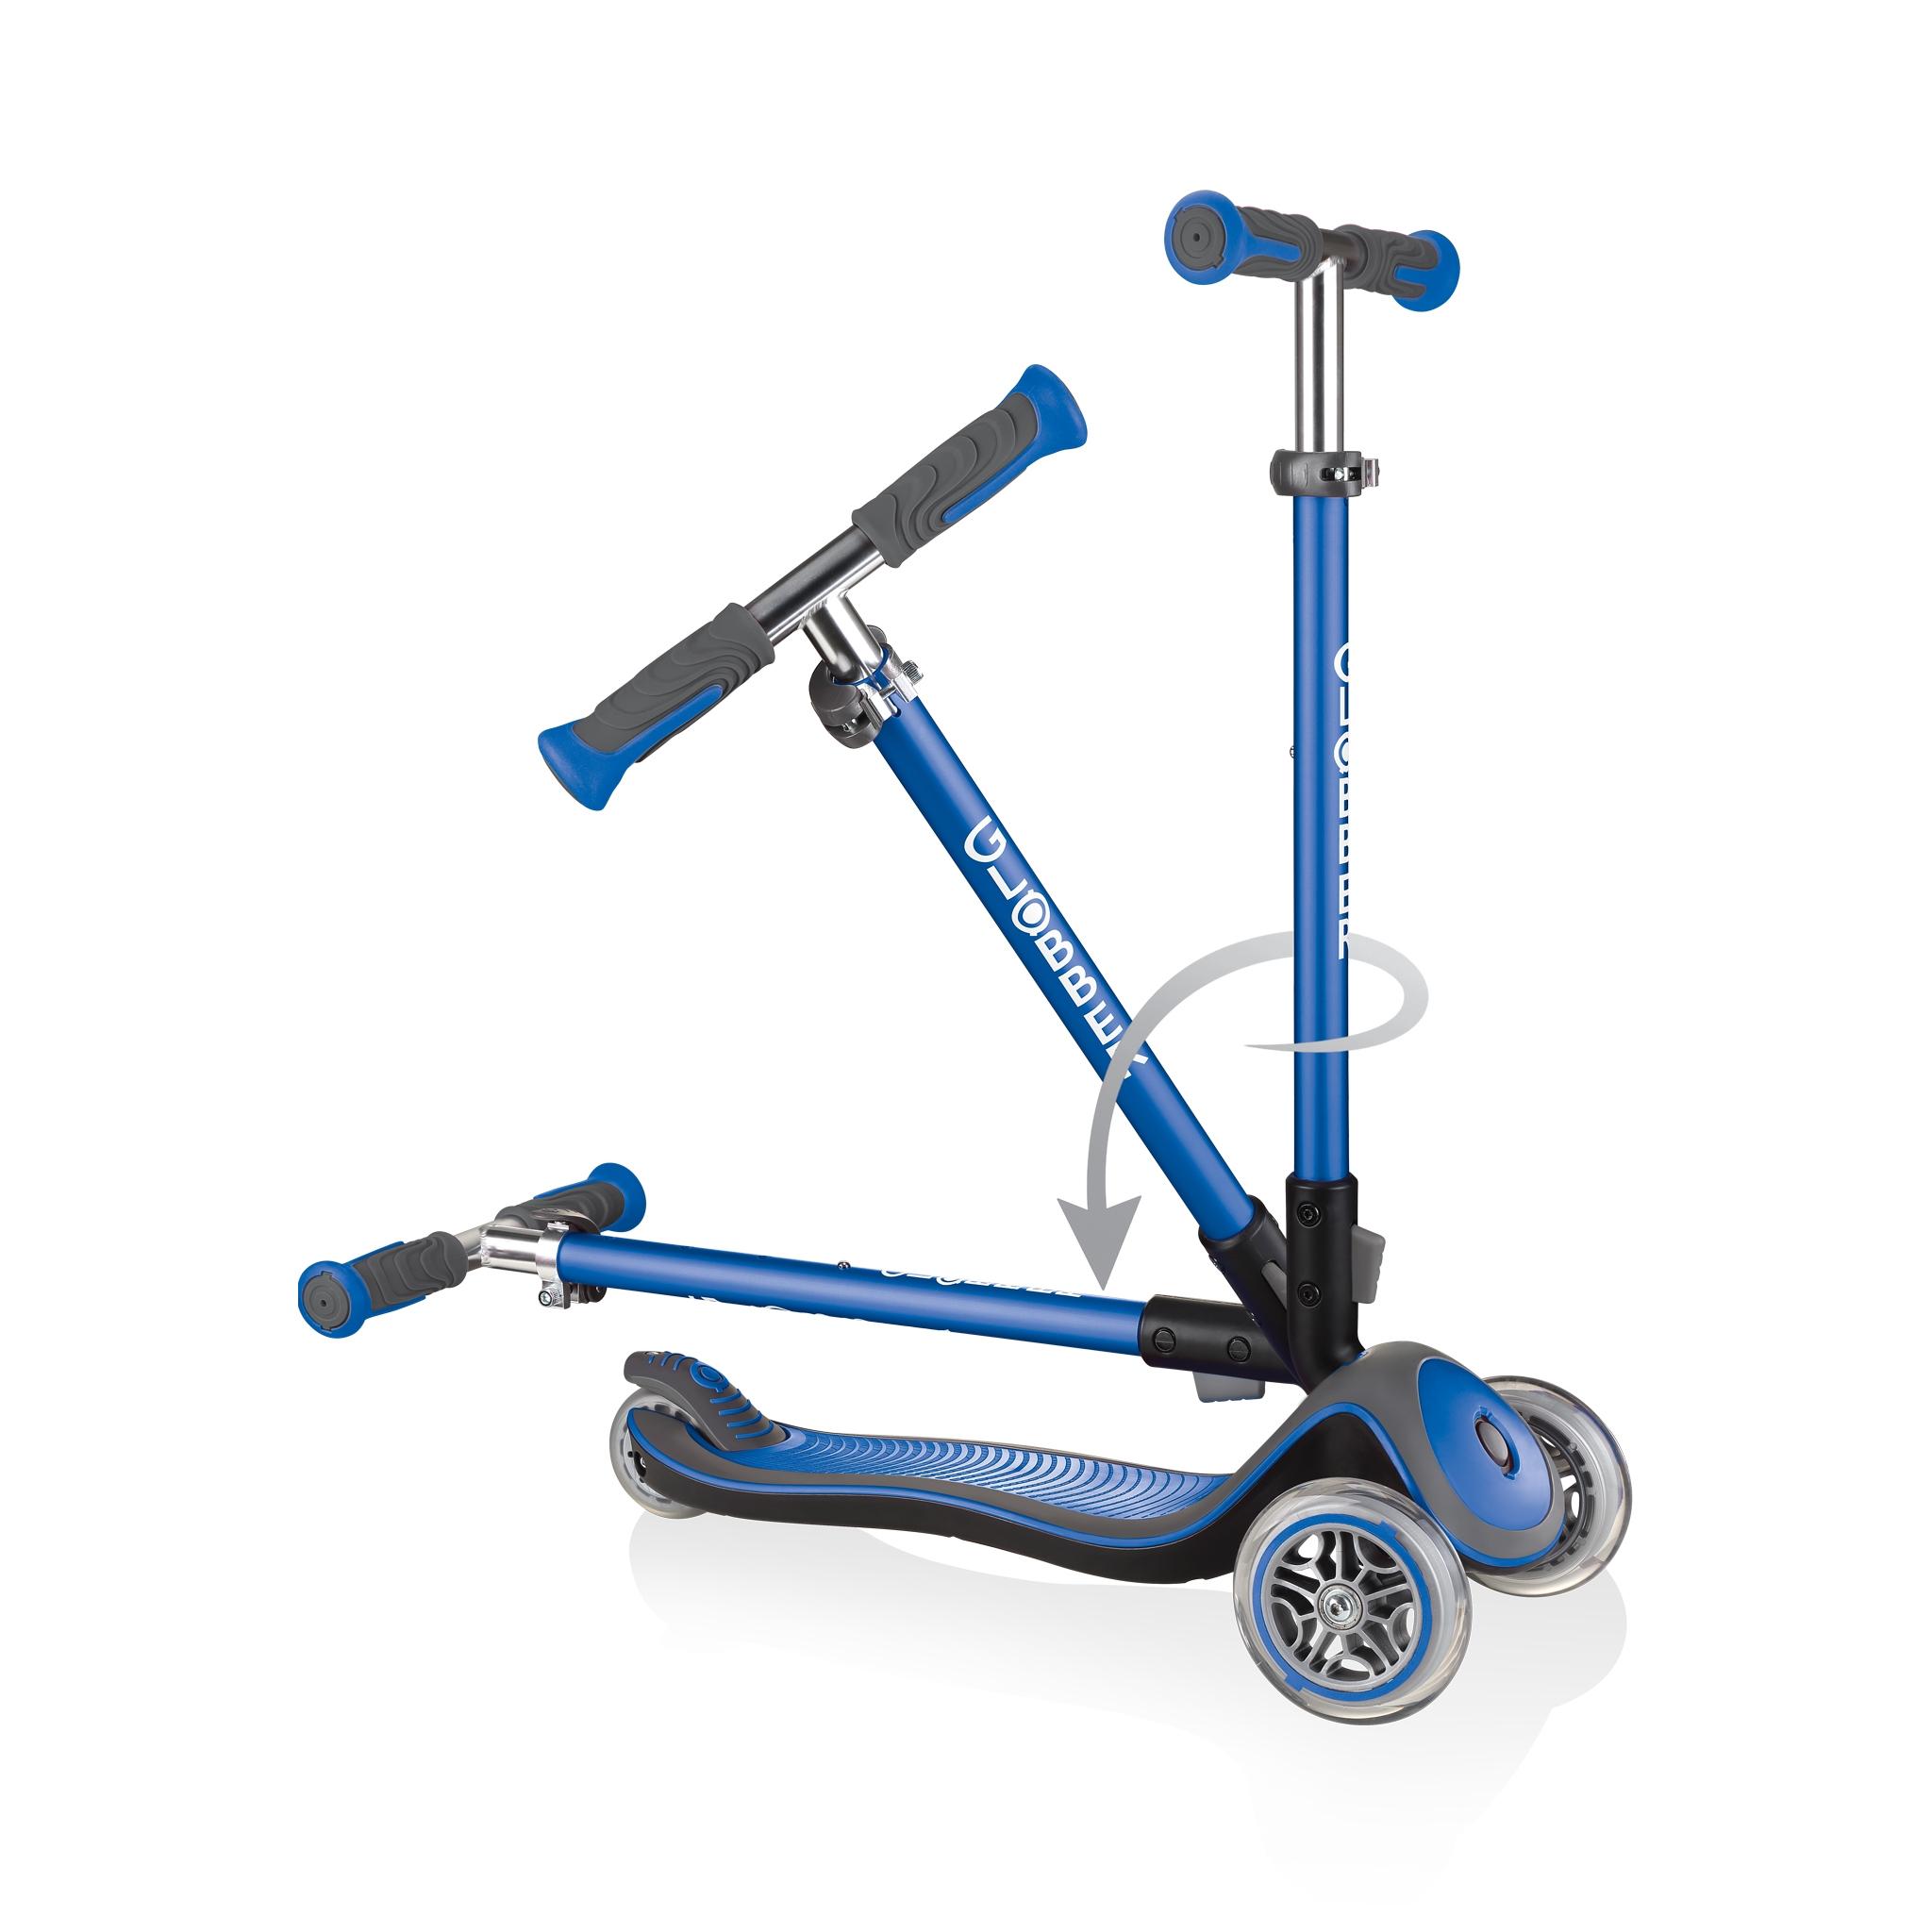 Globber-ELITE-DELUXE-3-wheel-fold-up-scooter-for-kids-navy-blue